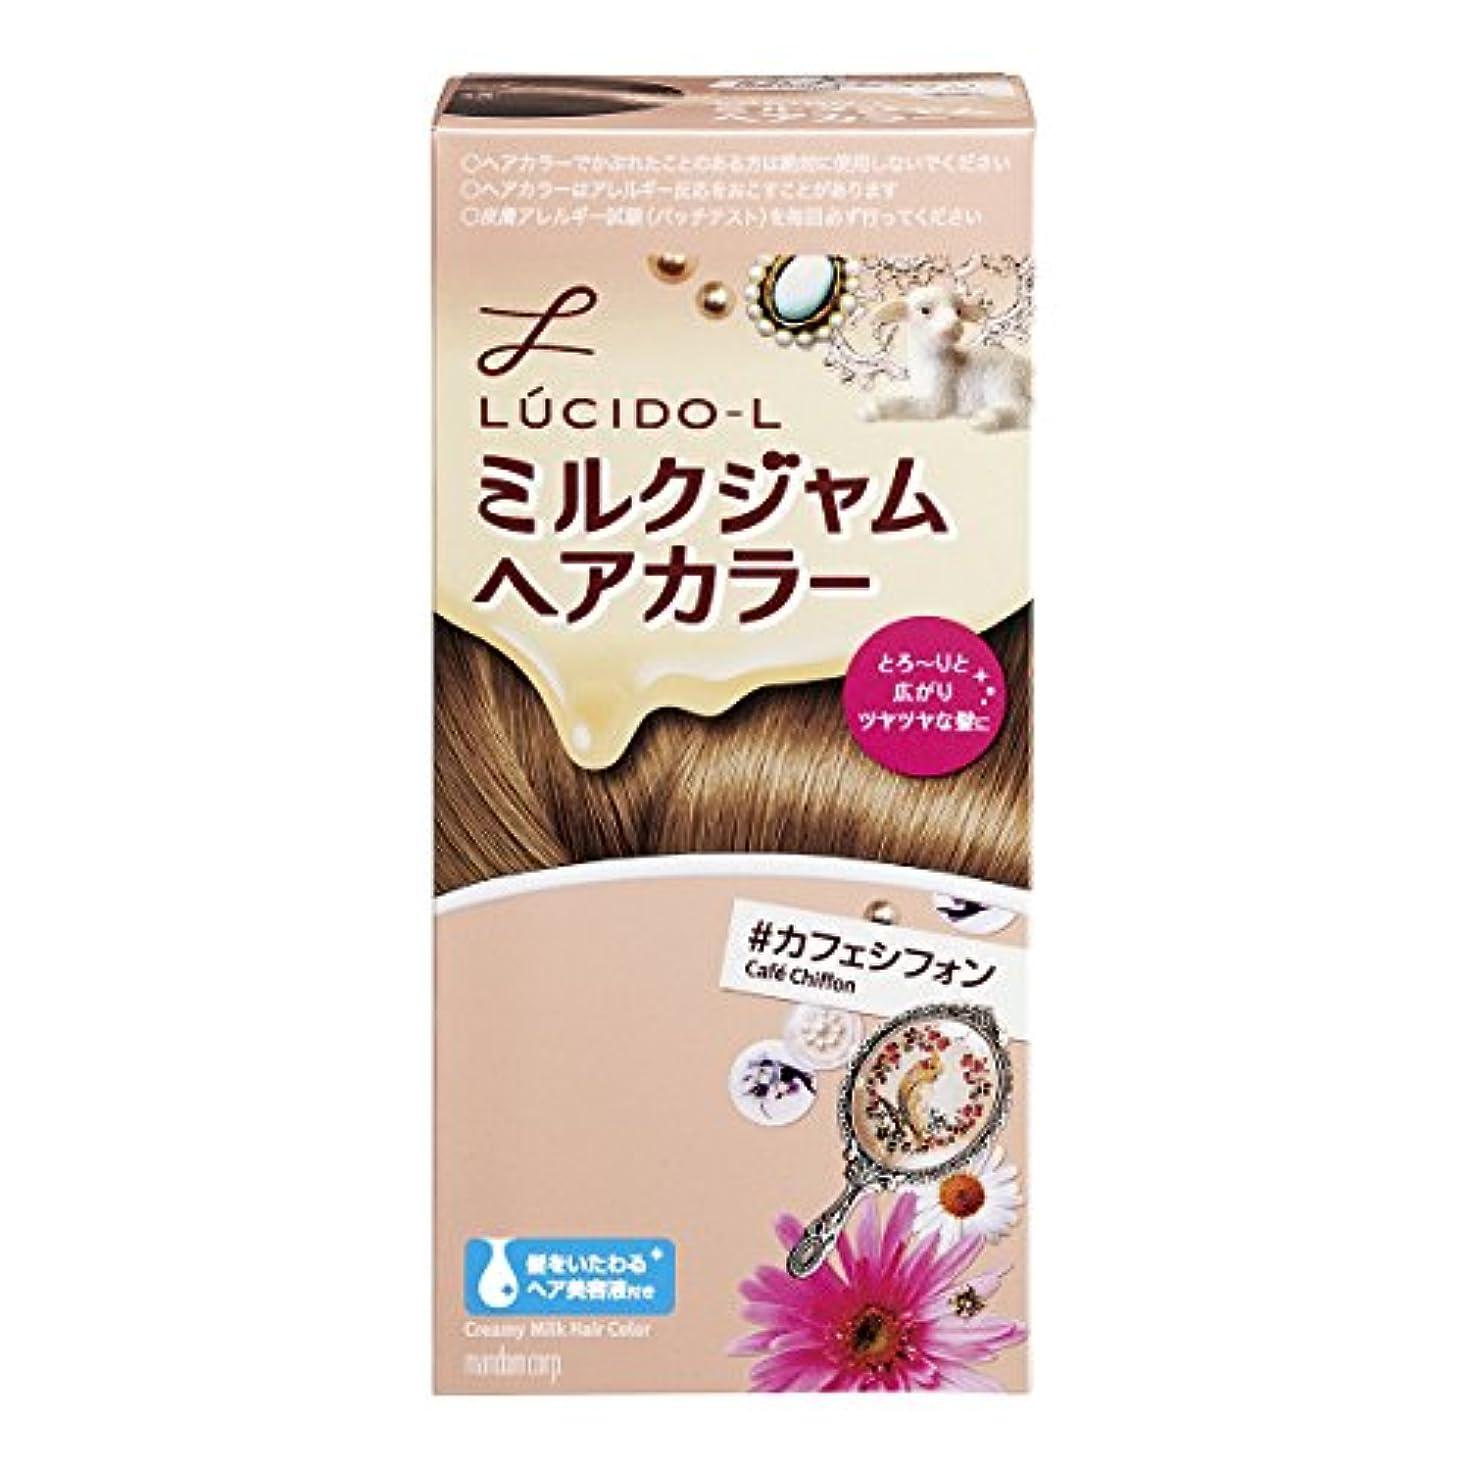 結論冷酷な戸口LUCIDO-L (ルシードエル) ミルクジャムヘアカラー #カフェシフォン(医薬部外品) (1剤40g 2剤80mL TR5g)